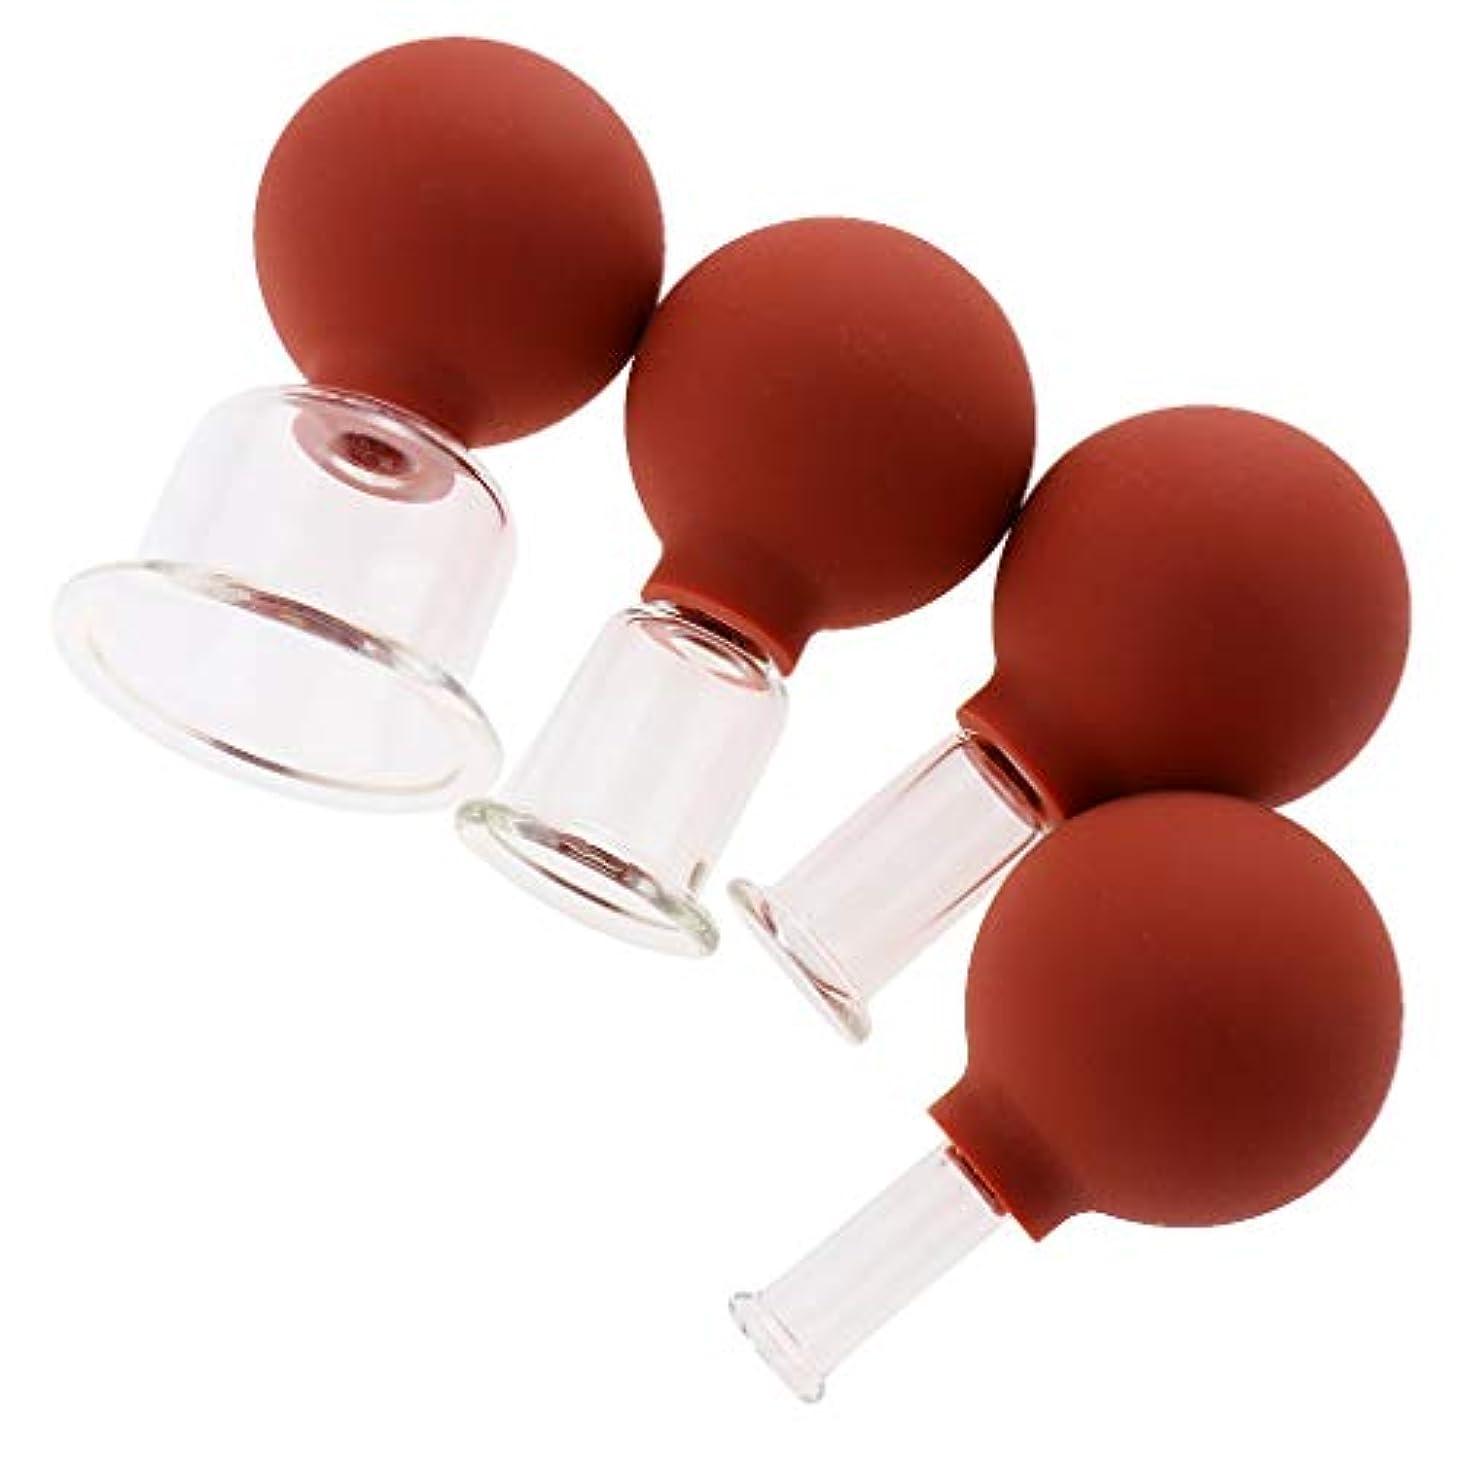 ジャンク急降下ナイロンCUTICATE 全3色 マッサージカップ ガラスカッピング 吸い玉 マッサージ カッピングセット 4個入 - 赤茶色